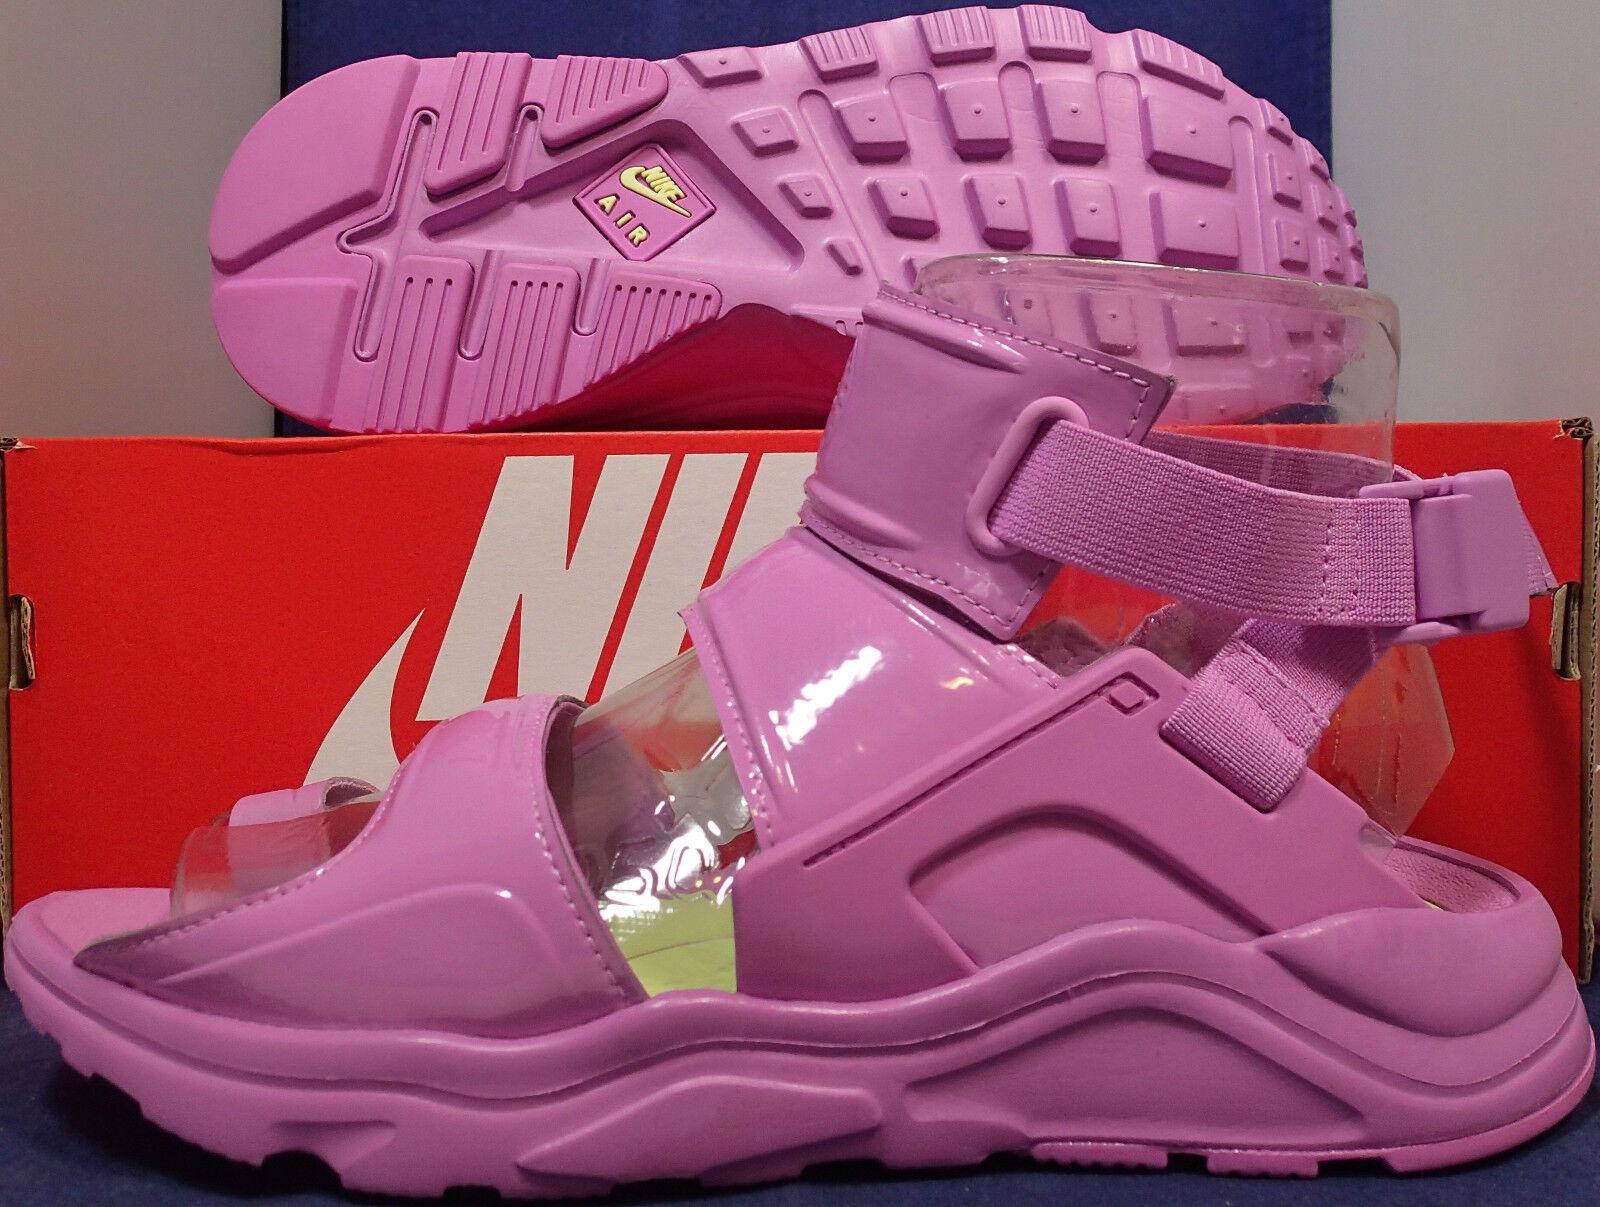 Femmes Nike Air Huarache Gladiateur Qs Fuchsia Brille Sz 7 7 7 (AH7702-500) 9d716f